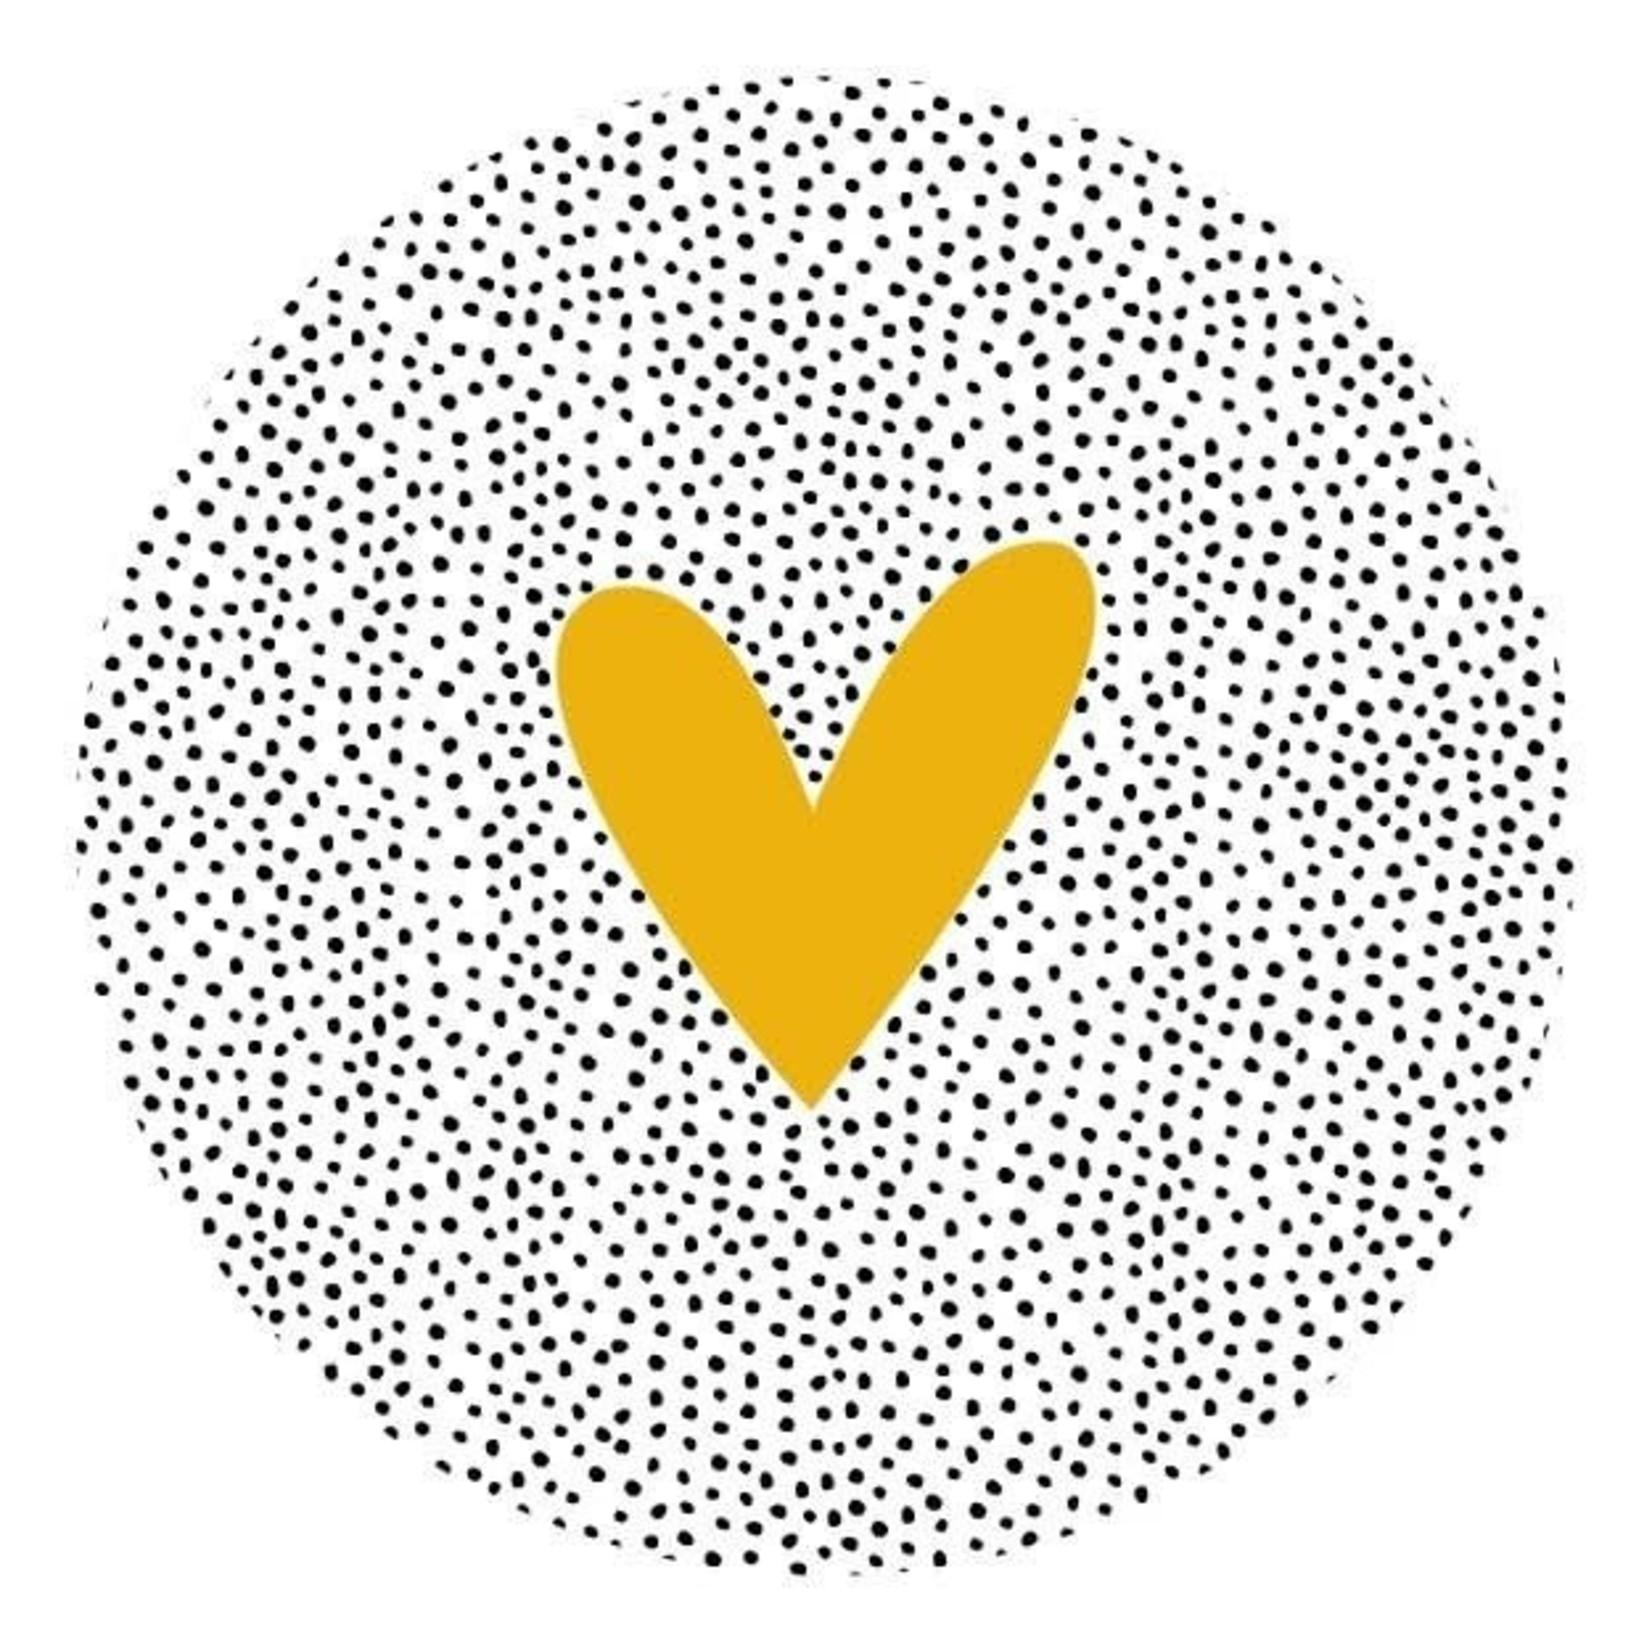 Zoedt Muurcirkel dots en okergeel hart 20x20cm